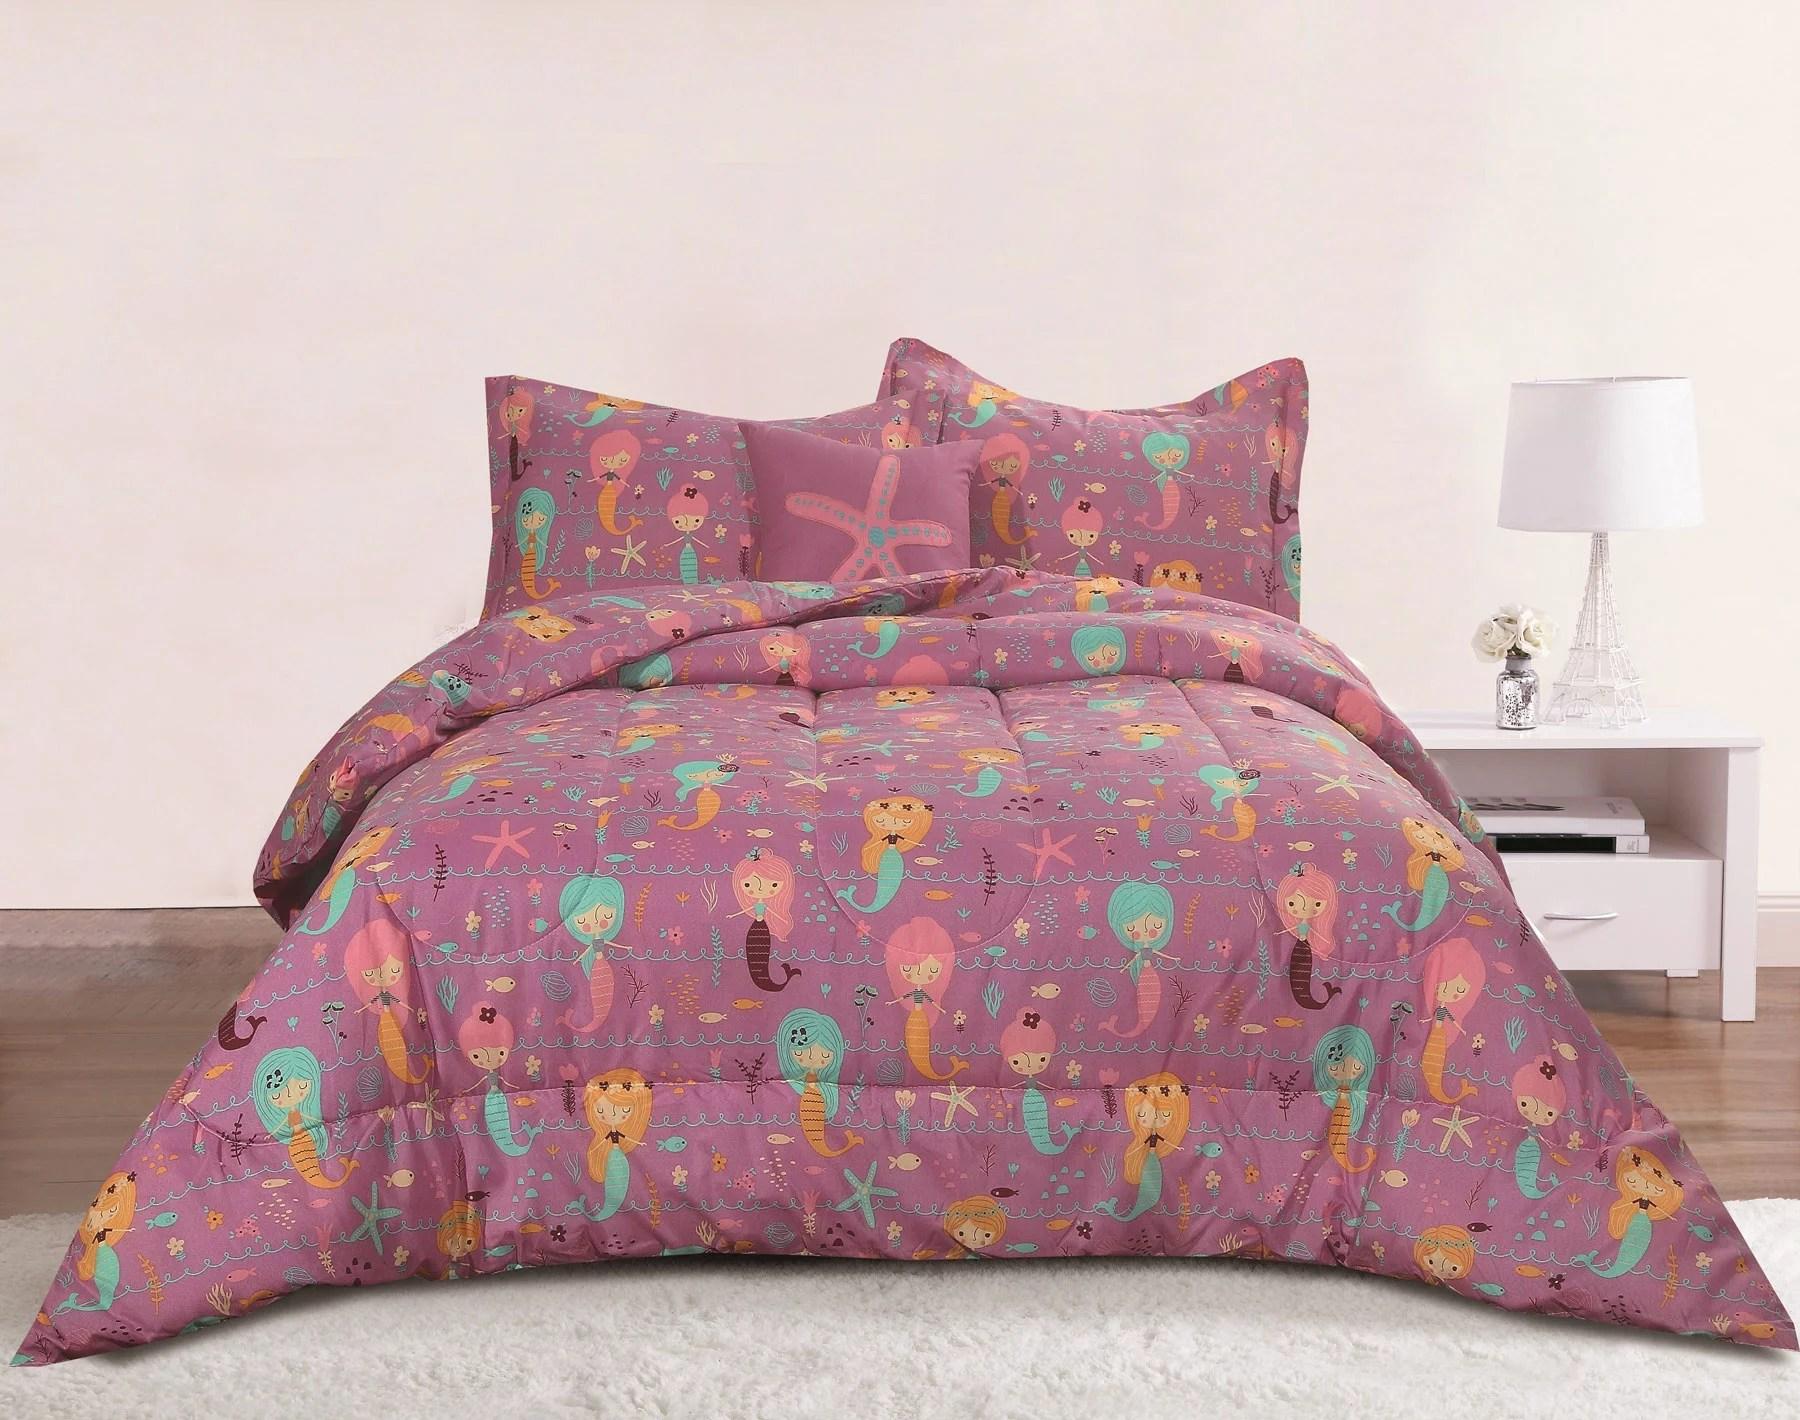 Mermaid Girls Bedding Full Queen 4 Piece Comforter Bed Set